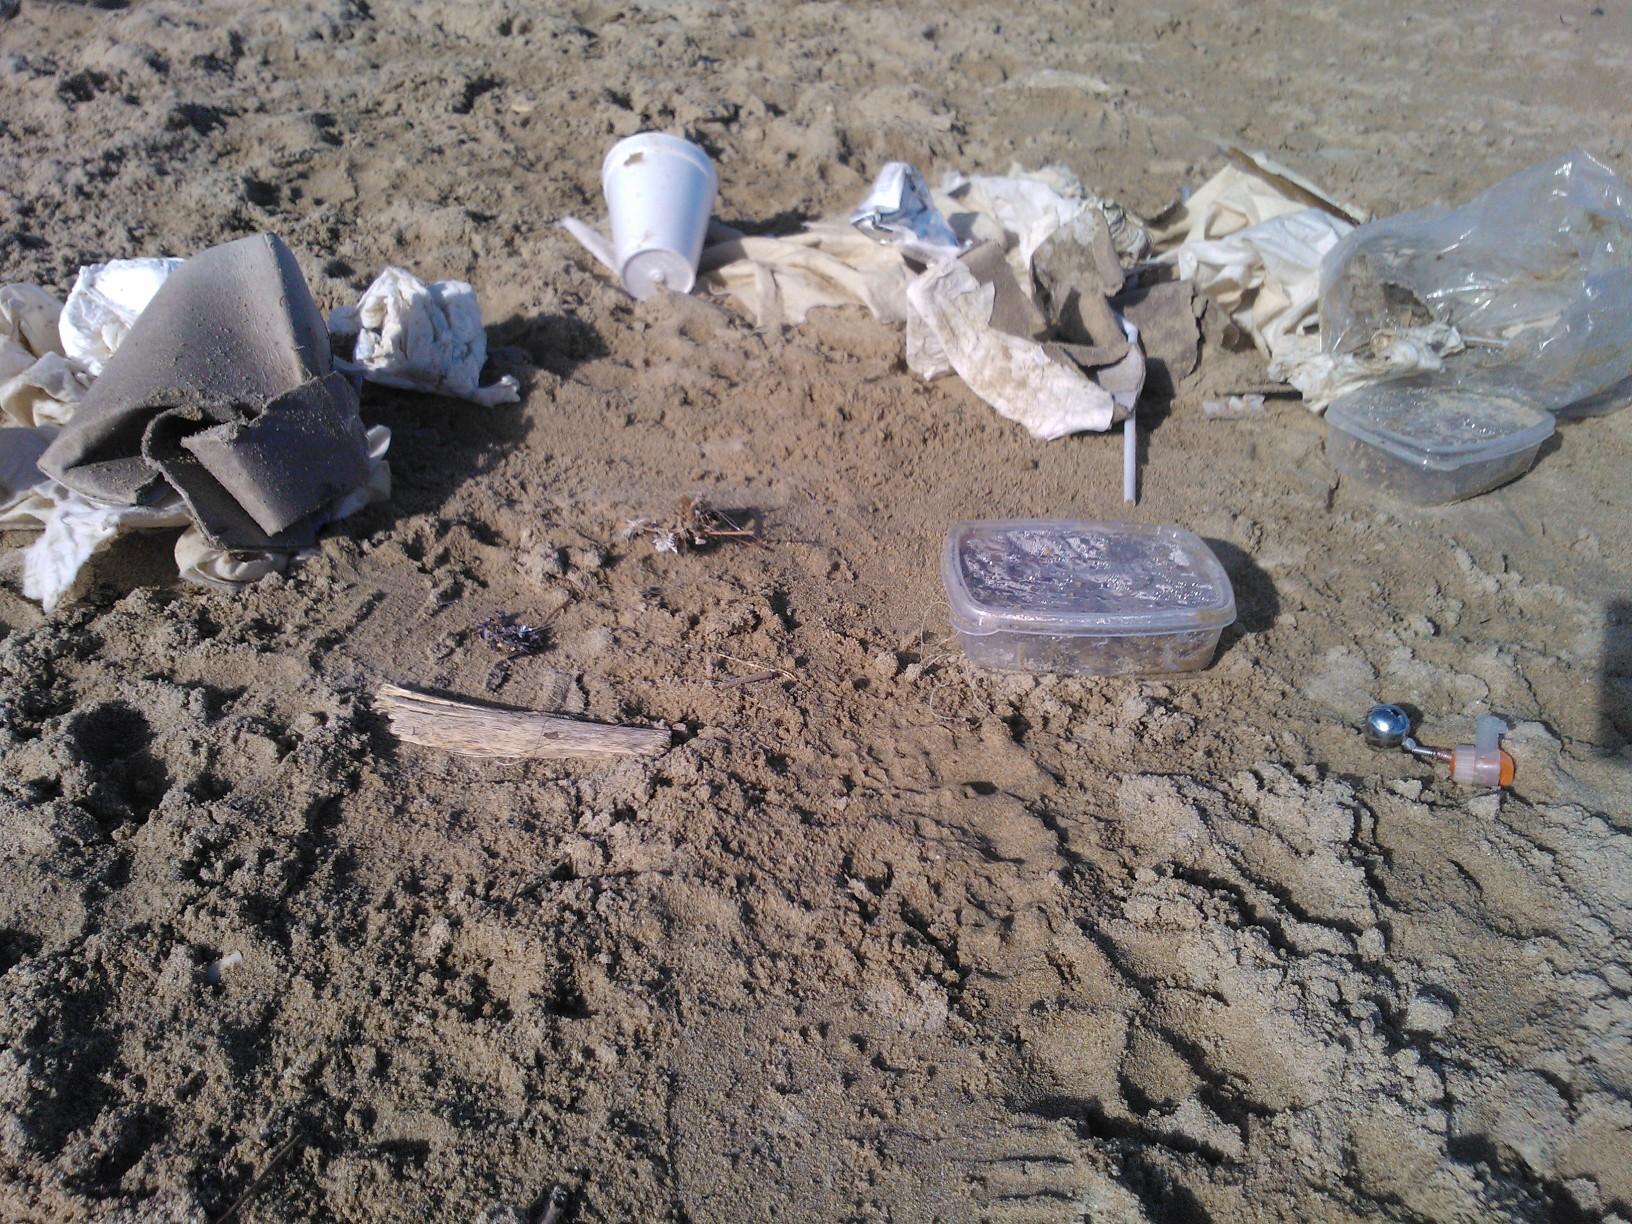 Ami da pesca e reti abbandonate nelle spiagge (foto di Valeria Vicente)